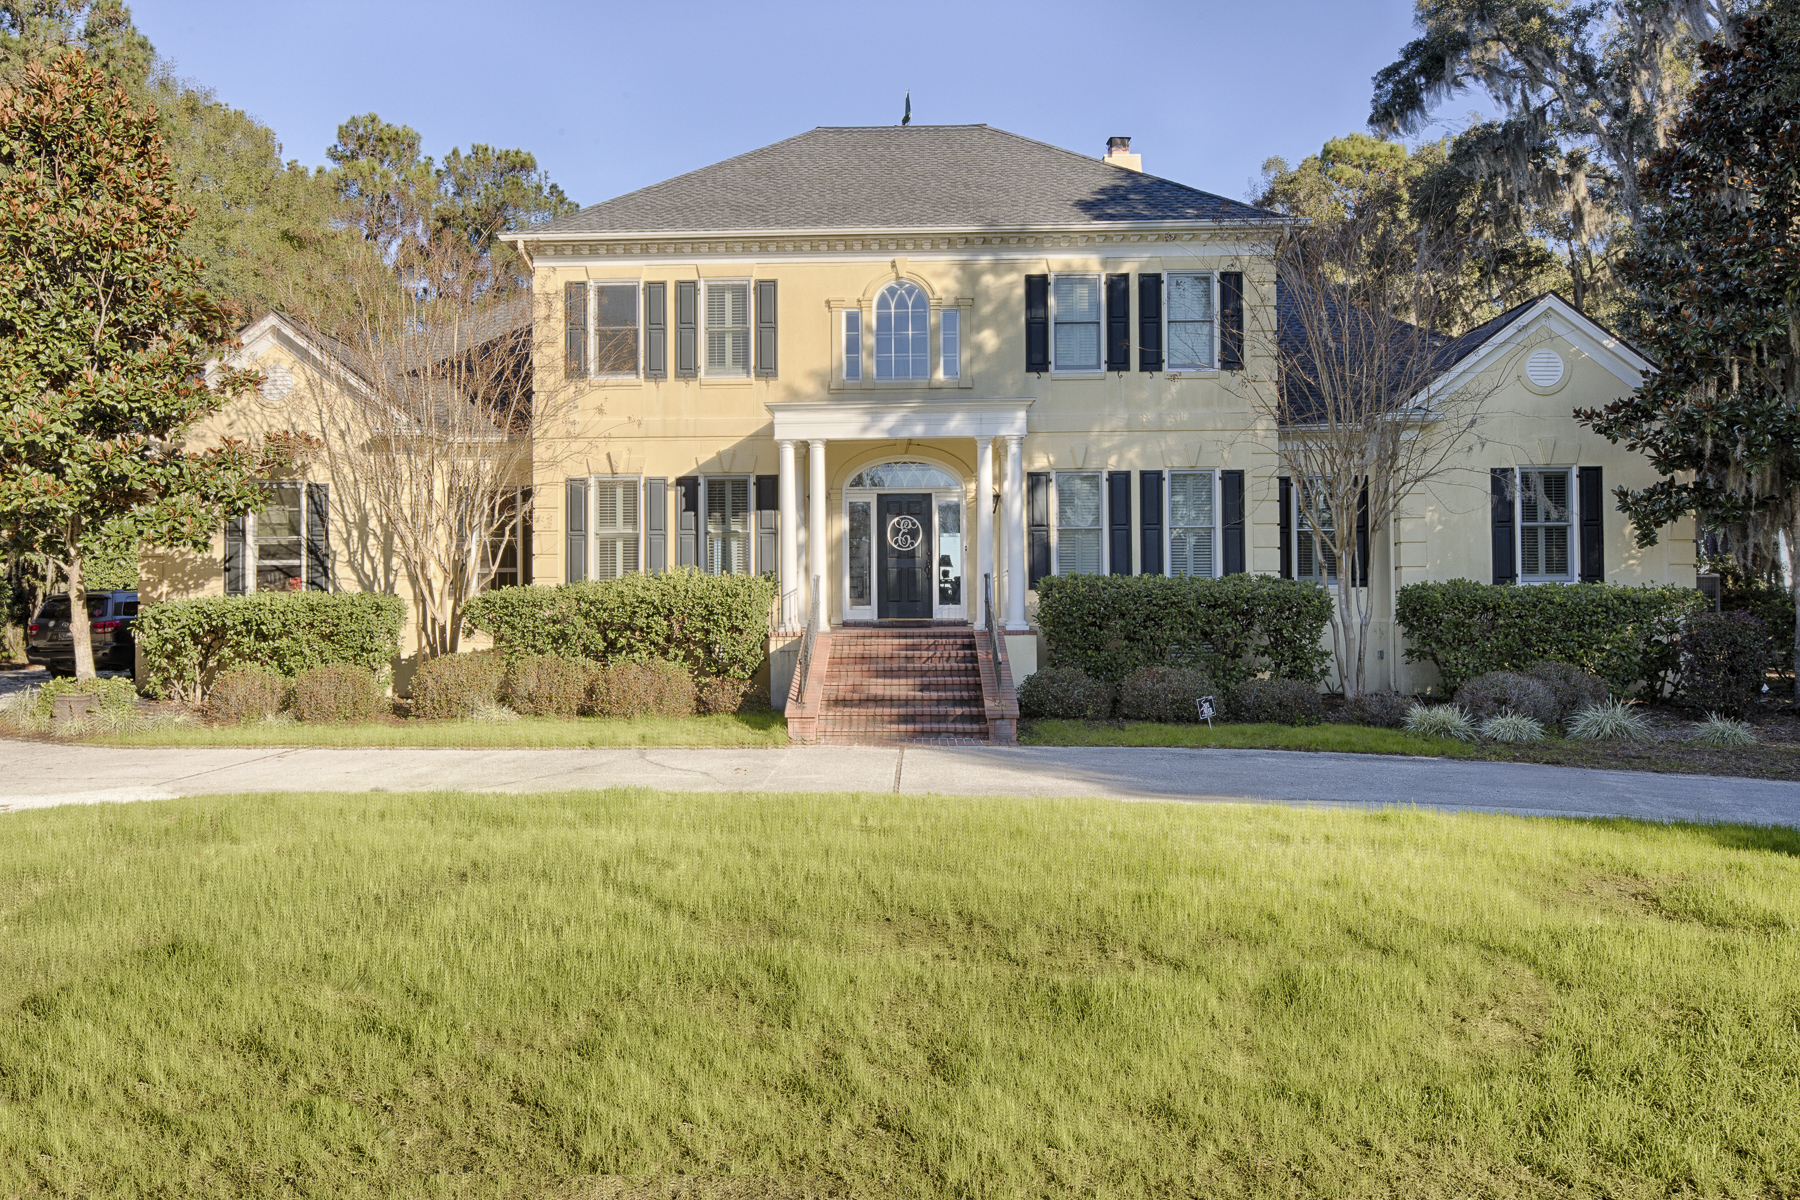 一戸建て のために 売買 アット Dutch Island 604 Herb River Drive Savannah, ジョージア, 31406 アメリカ合衆国